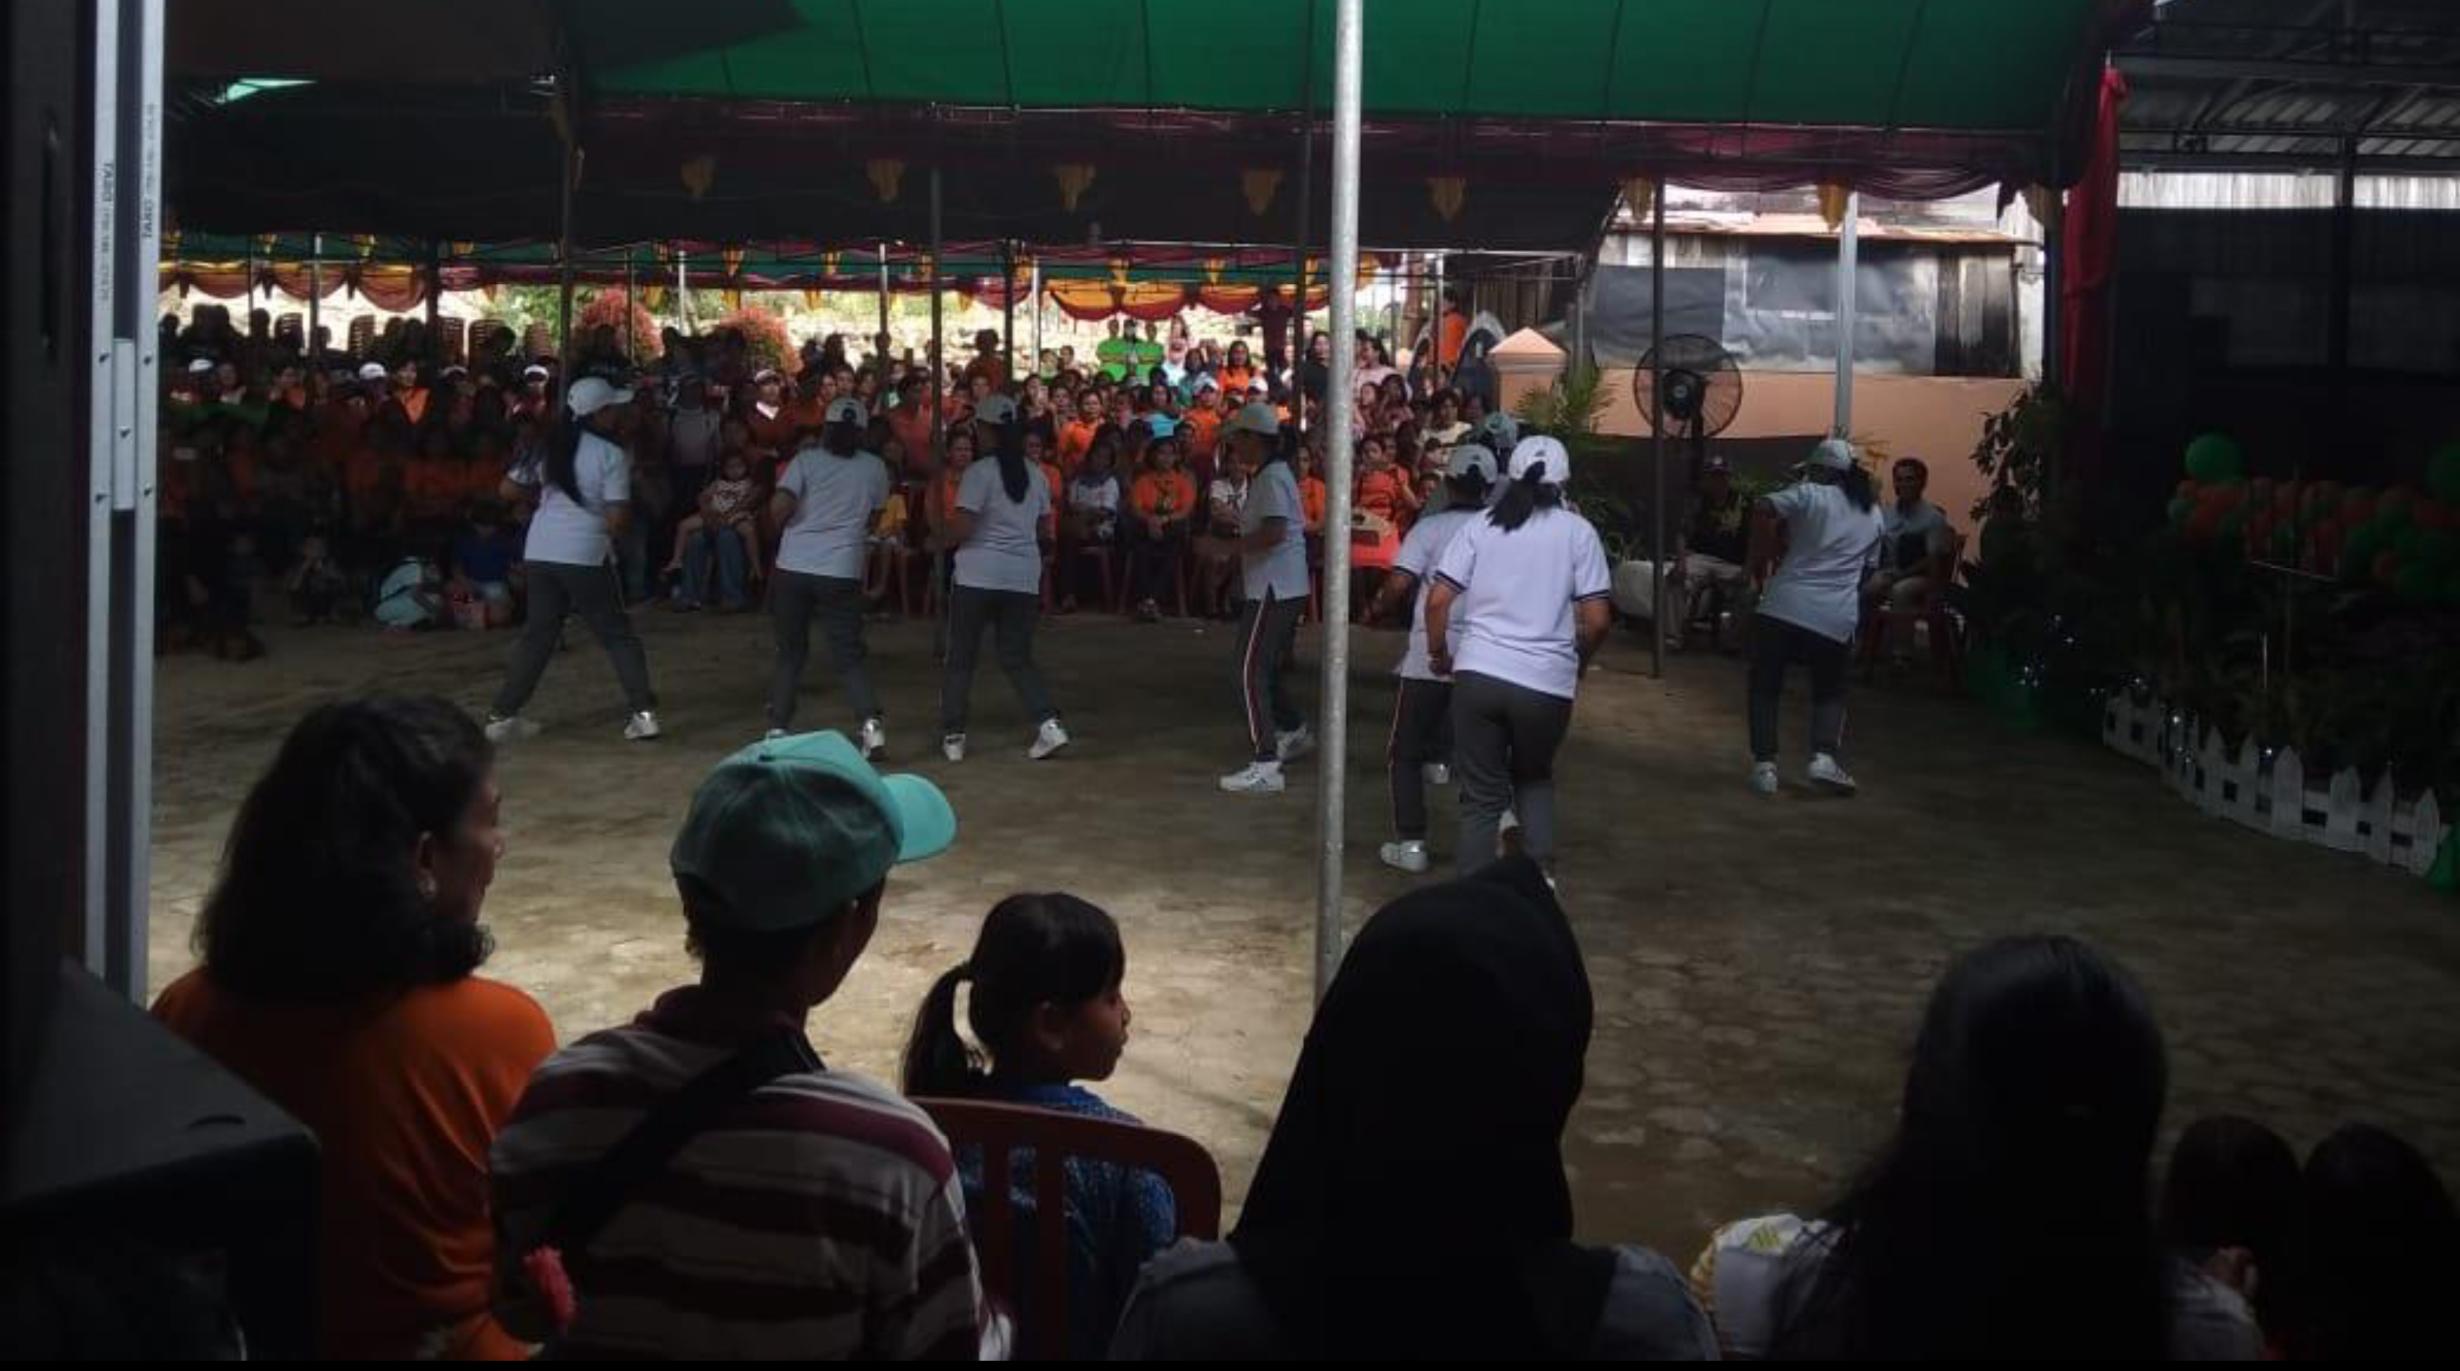 Seminar: Gereja Ramah Anak, PGWT Klasis Kalimantan Timur dan Kalimantan Tengah, Samarinda